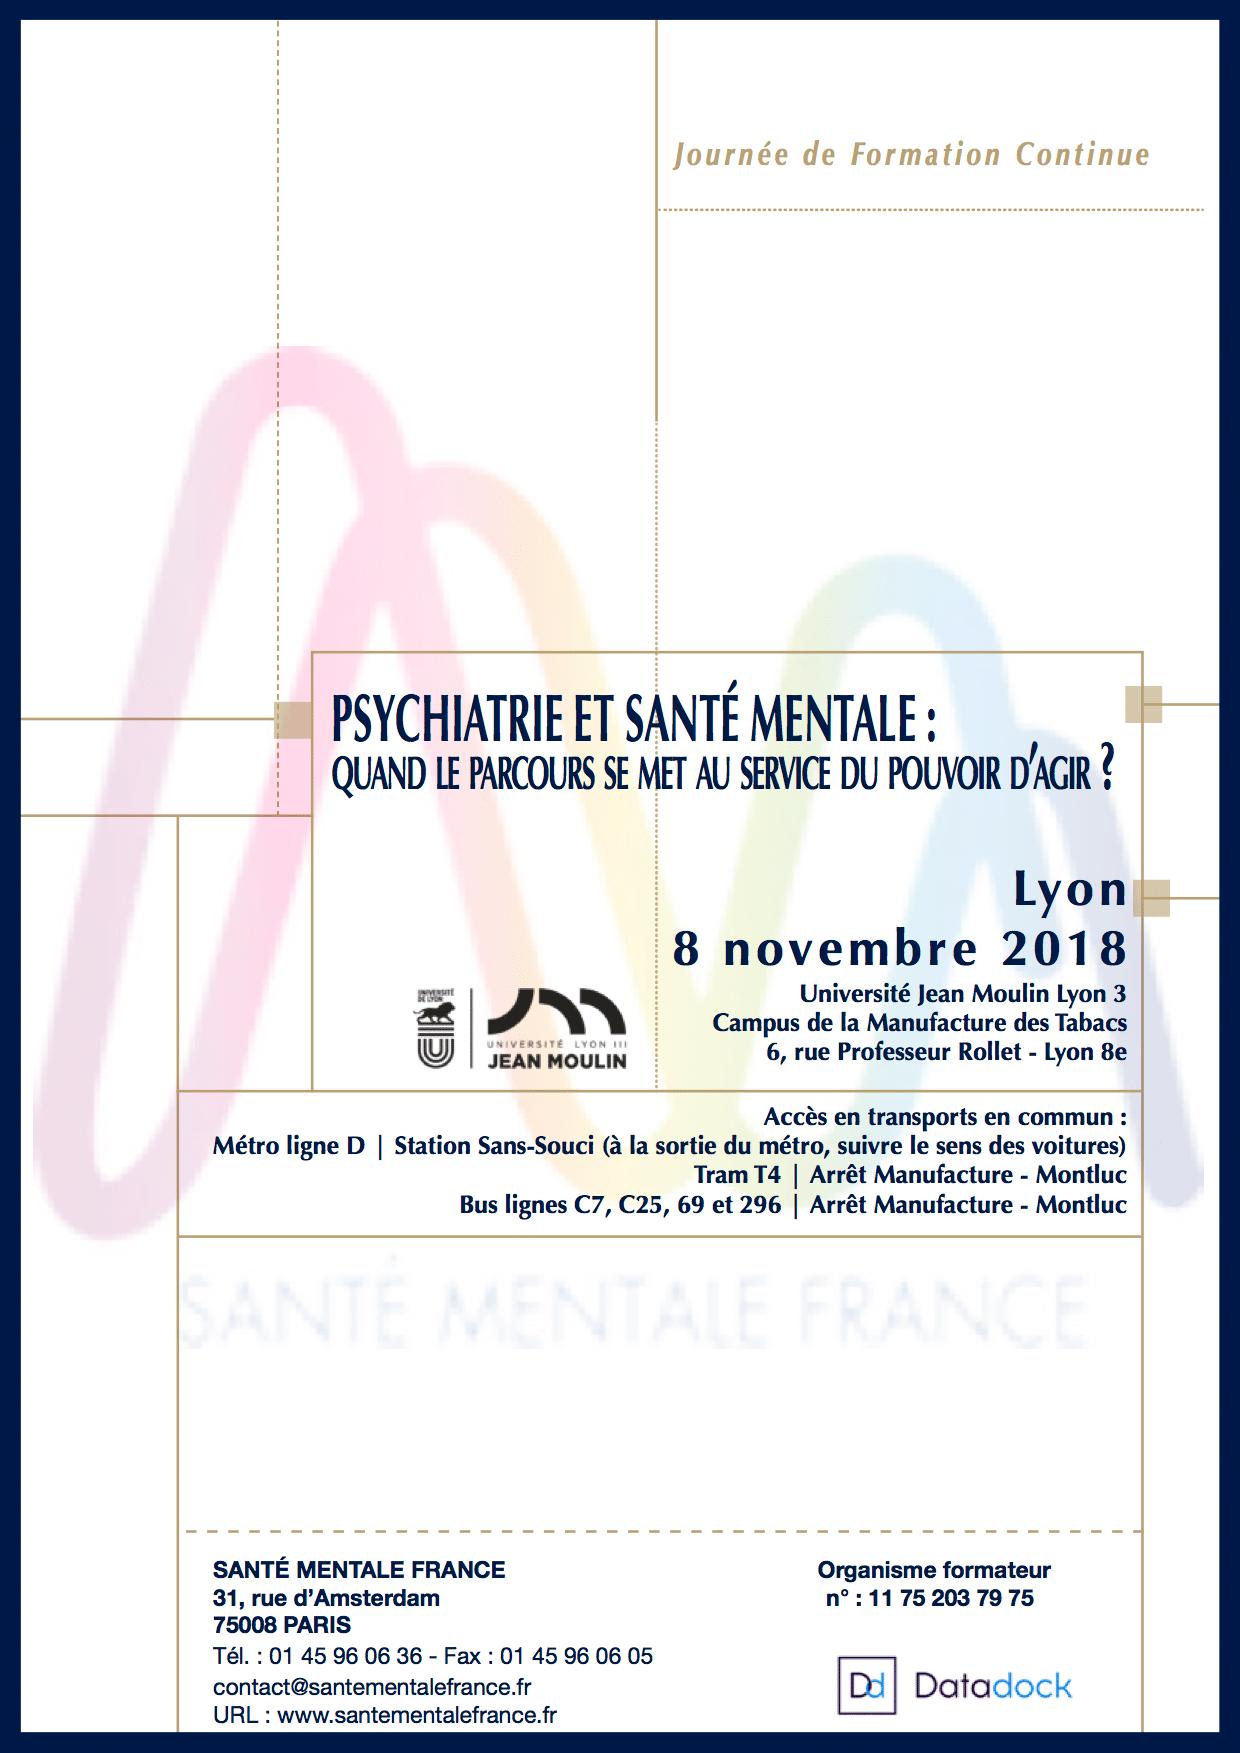 Santé Mentale France : Journées de formation continue du 8 novembre 2018 à Lyon